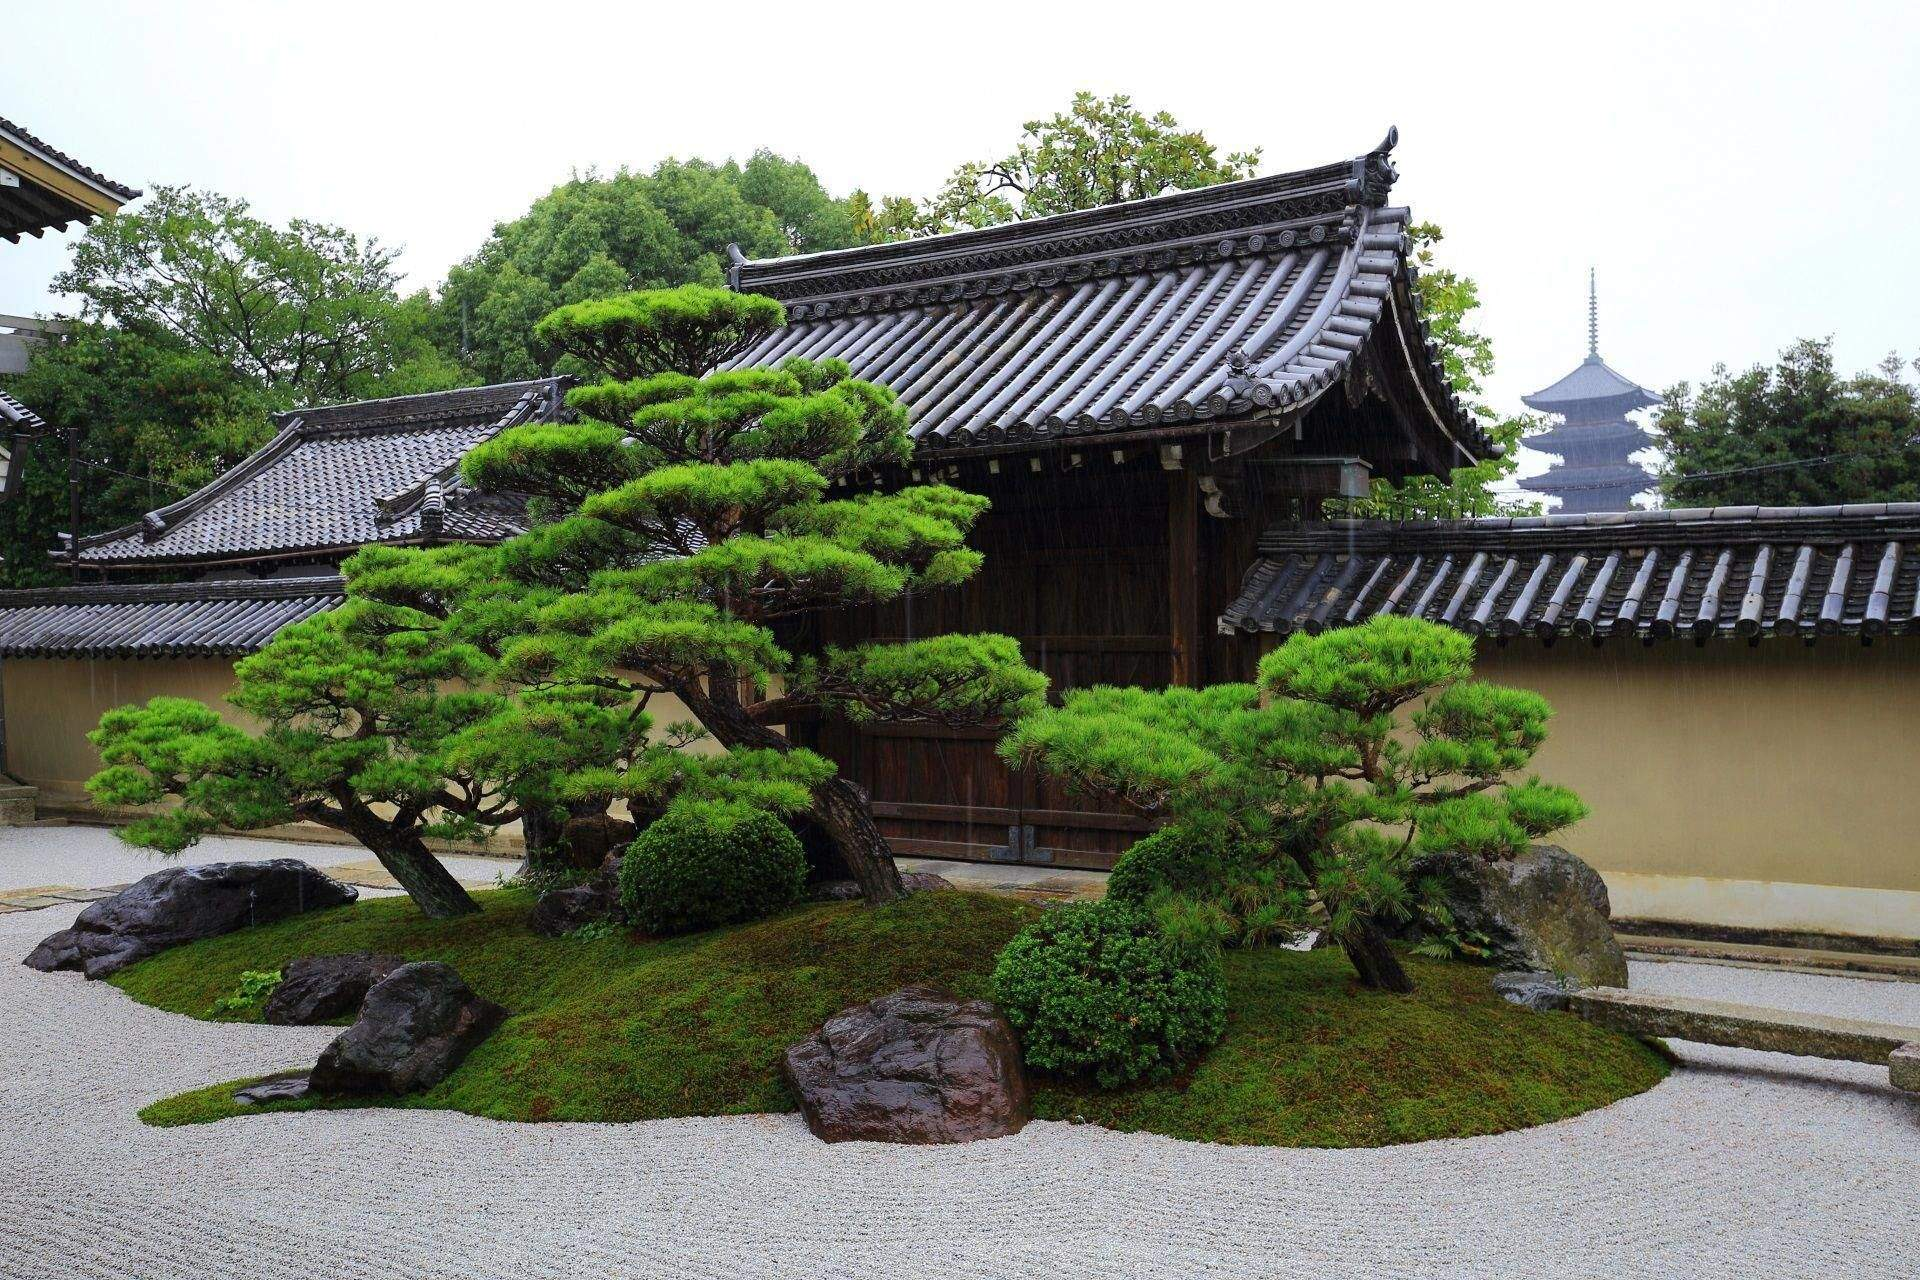 japanischer garten ideen genial zahrada boha starach a pac29btpodlaac2ben pagoda of japanischer garten ideen